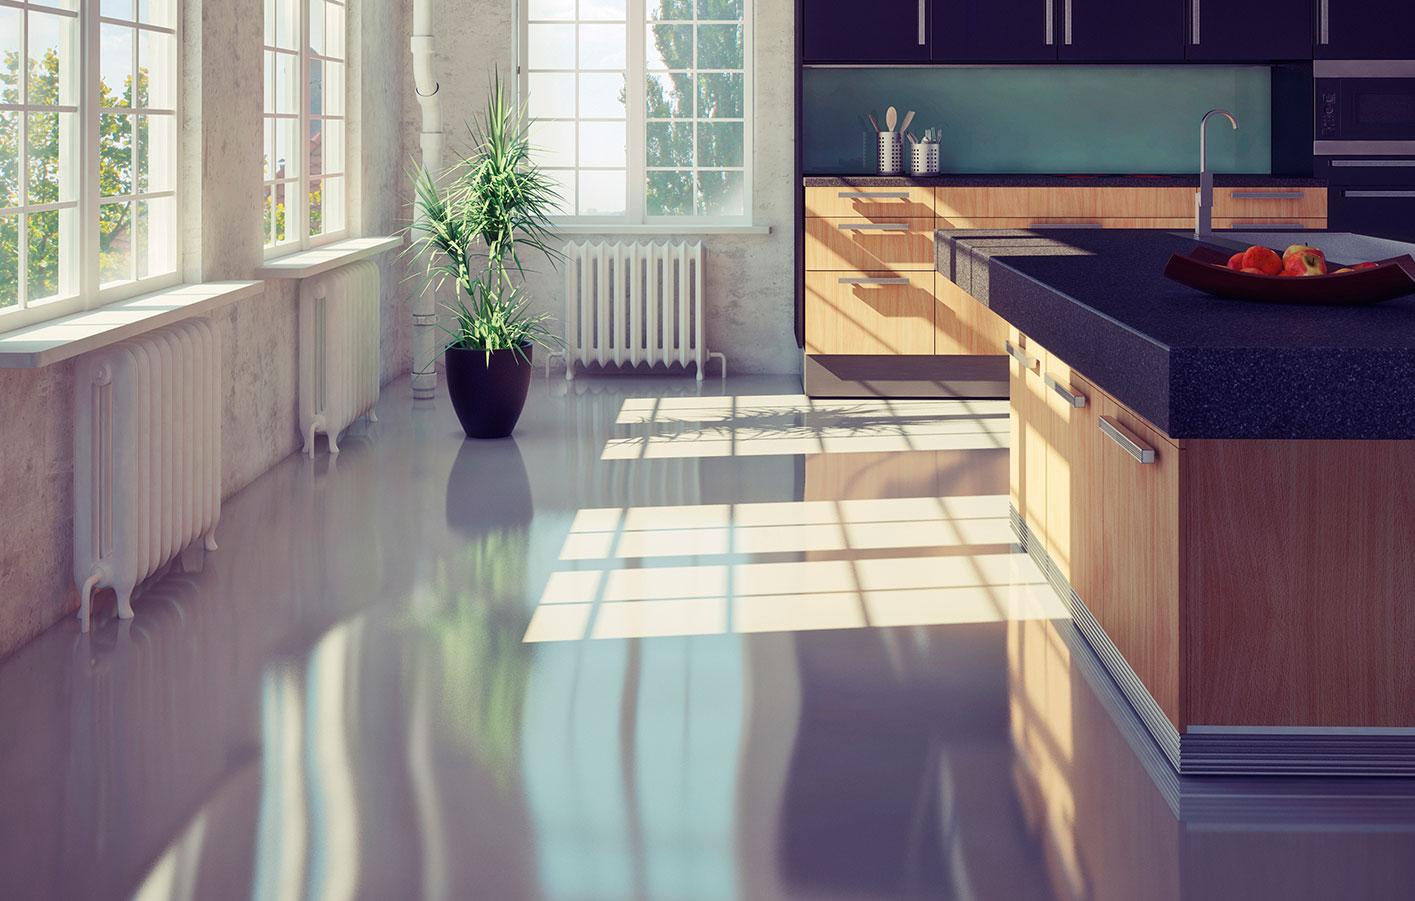 Fußboden Für Küche ~ Fußboden küche linoleum designboden in der küche der partner für